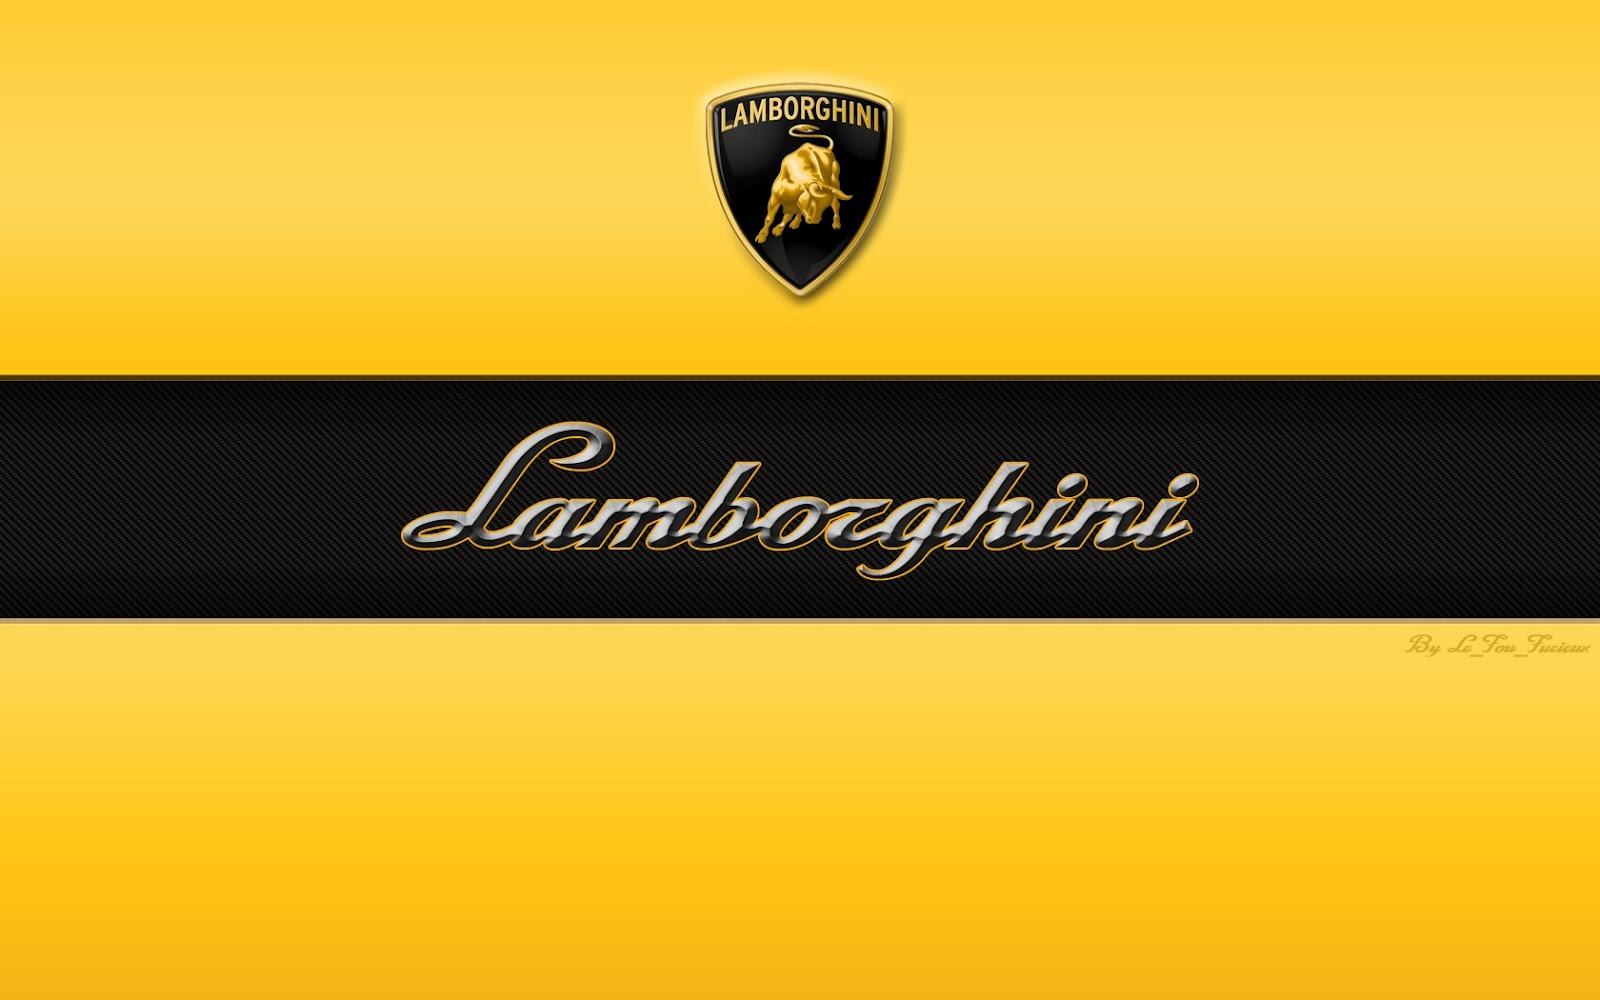 First car ideas lamborghini logos - Lamborghini symbol wallpaper ...